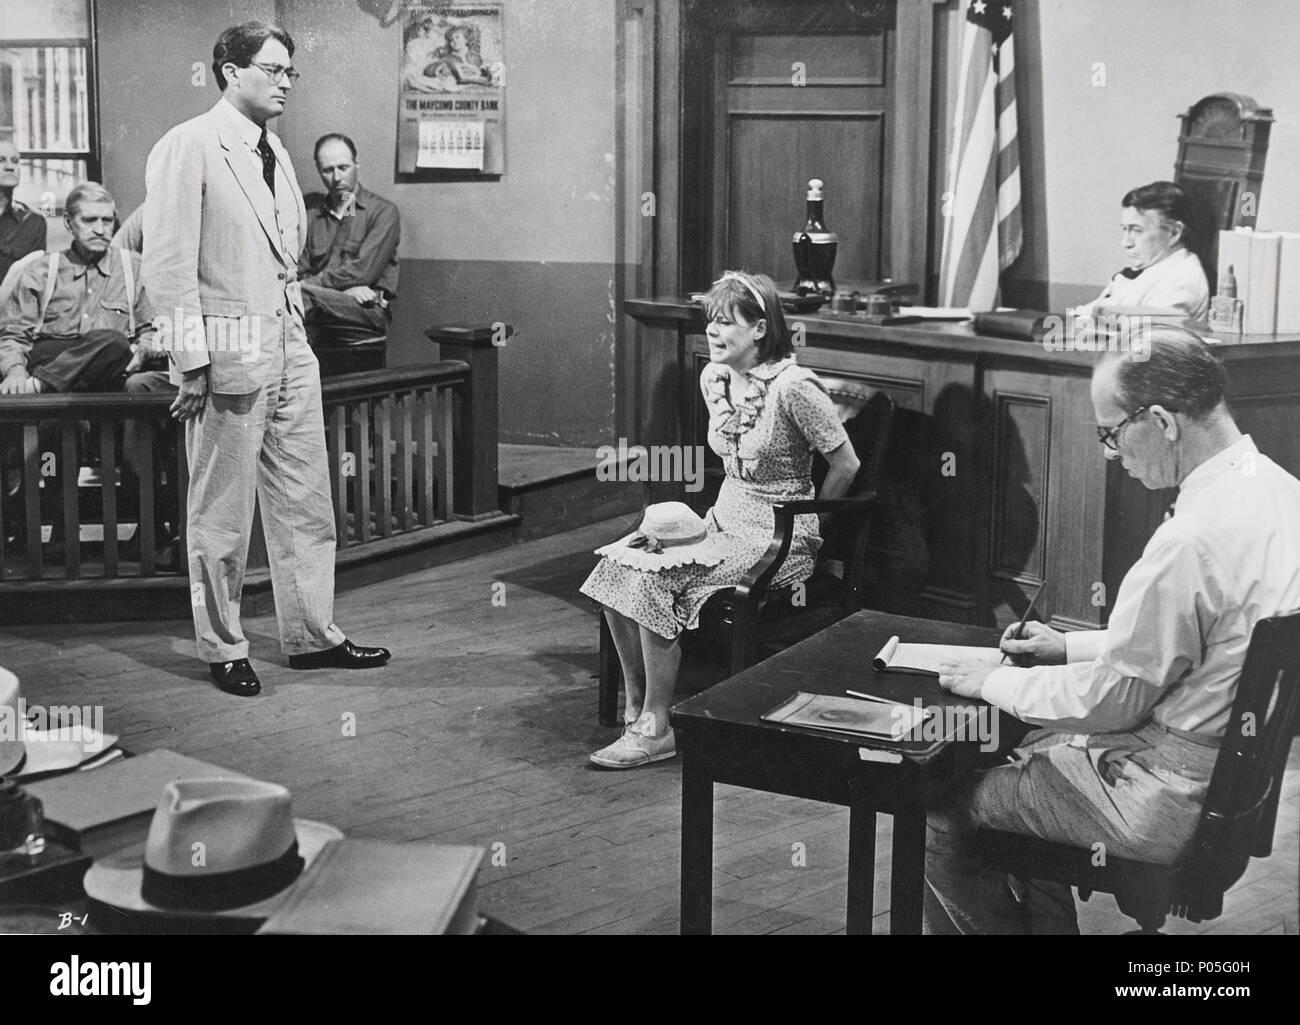 Download Film To Kill A Mockingbird 1962